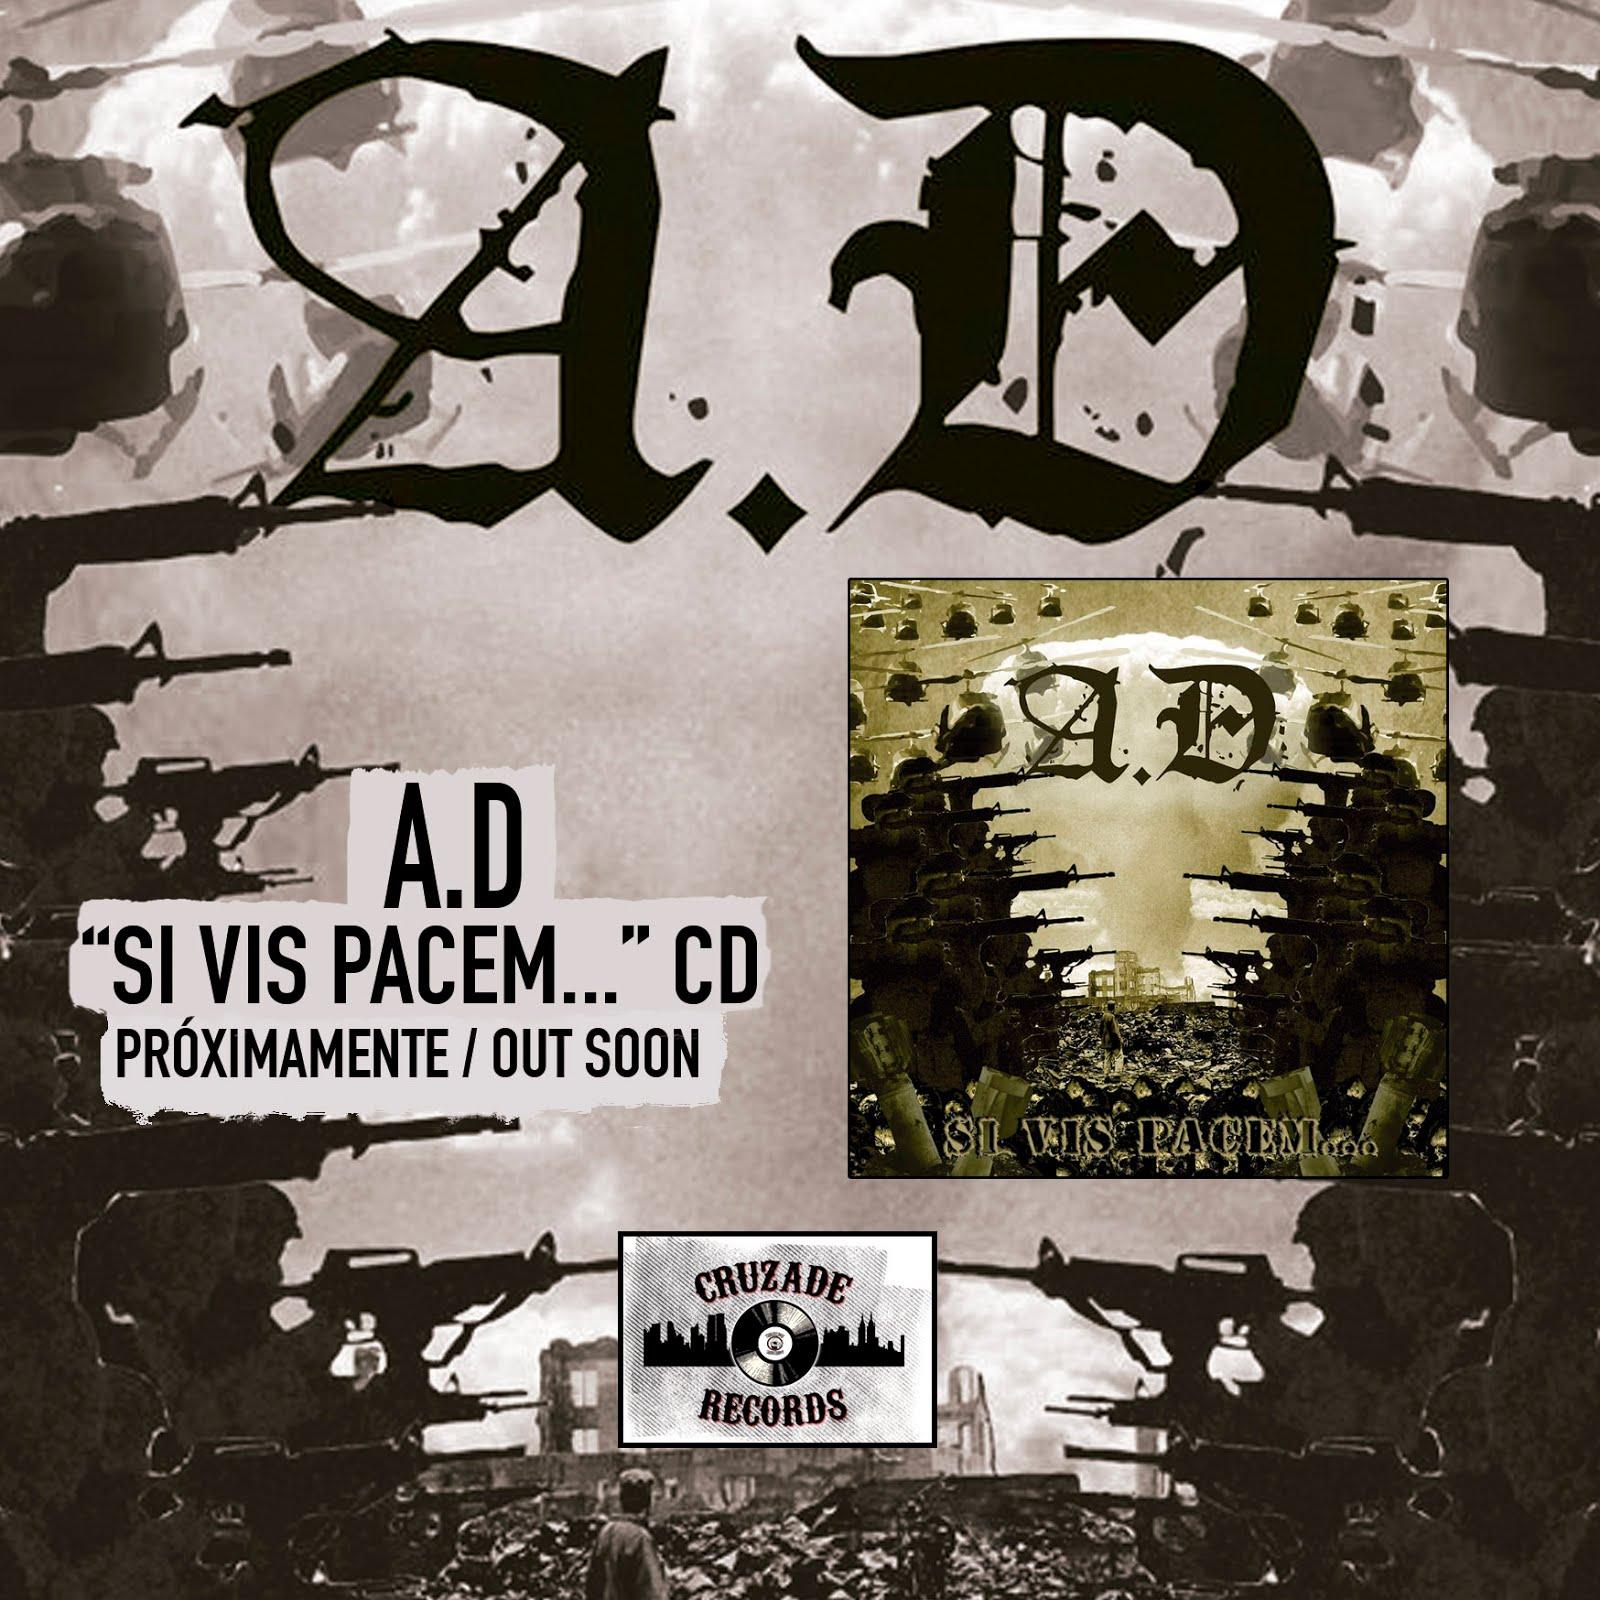 A.D – Si Vis Pacem… - CD Próximamente / Out son